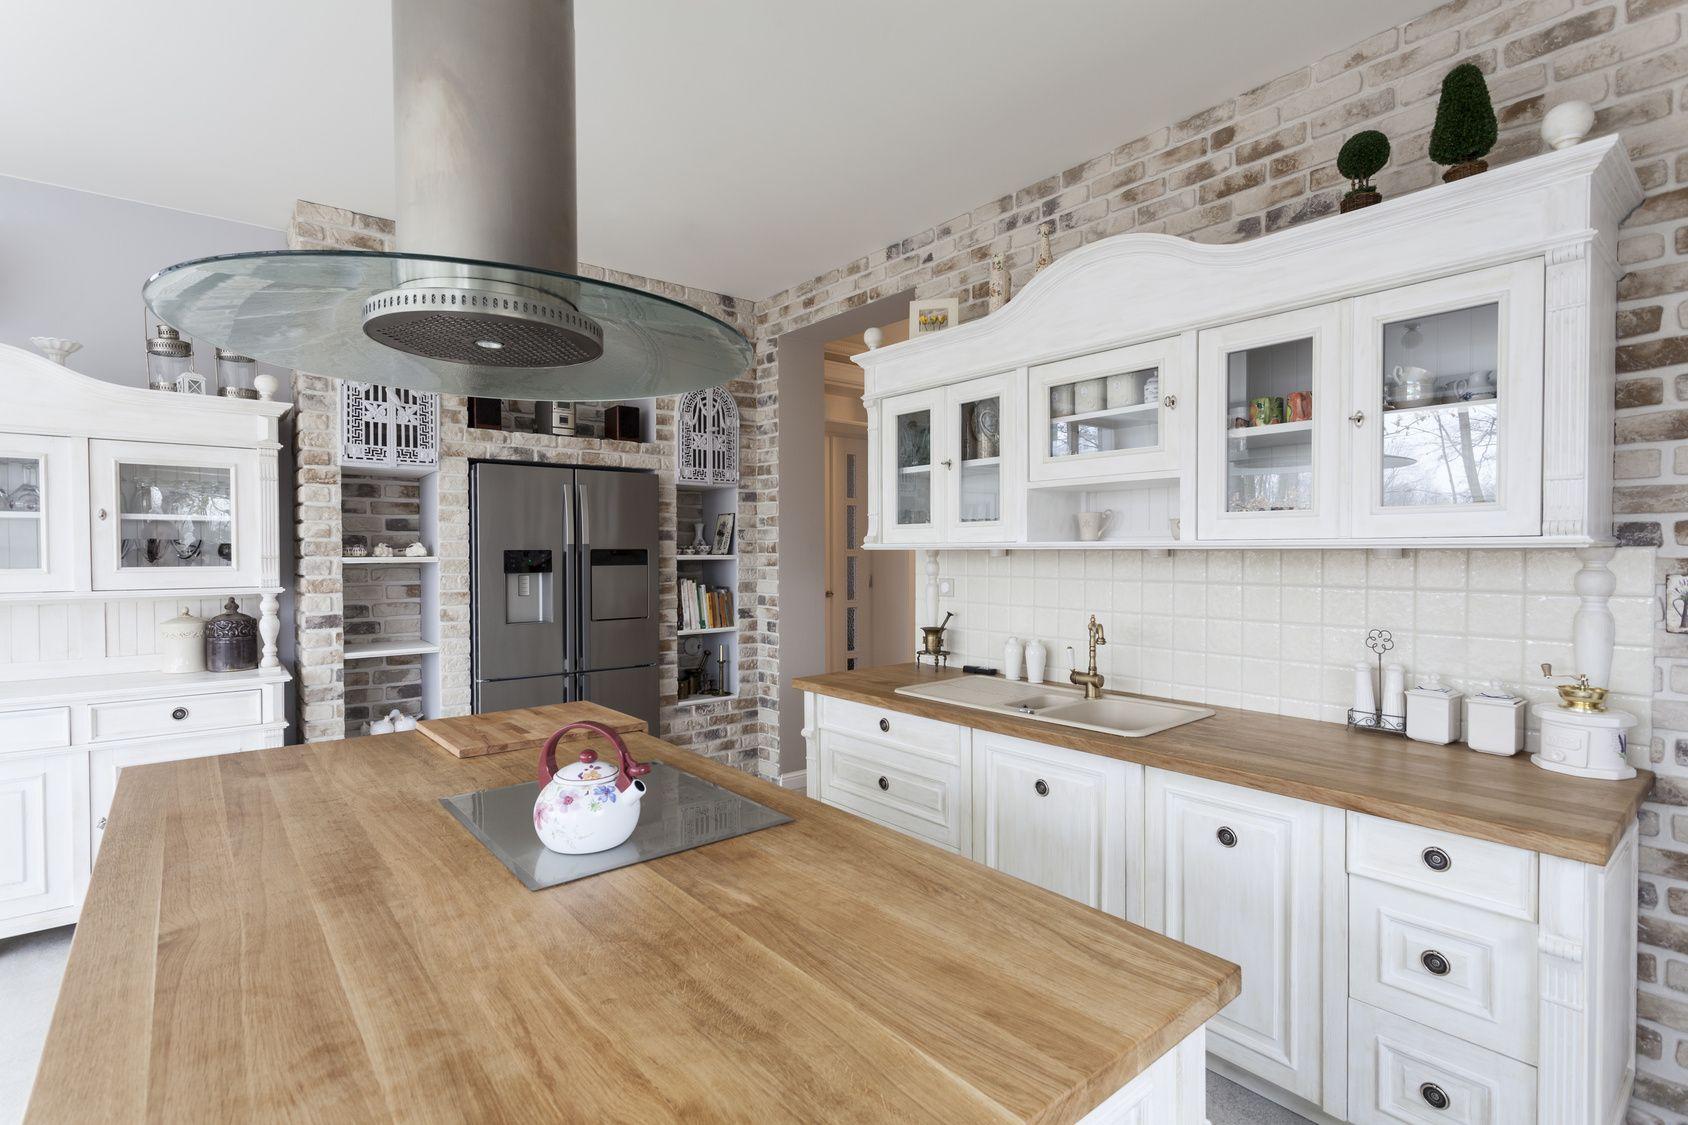 Moderne Landhausstilküche mit großzügiger Kücheninsel | Landhaus ... | {Küchen landhausstil skandinavisch 1}